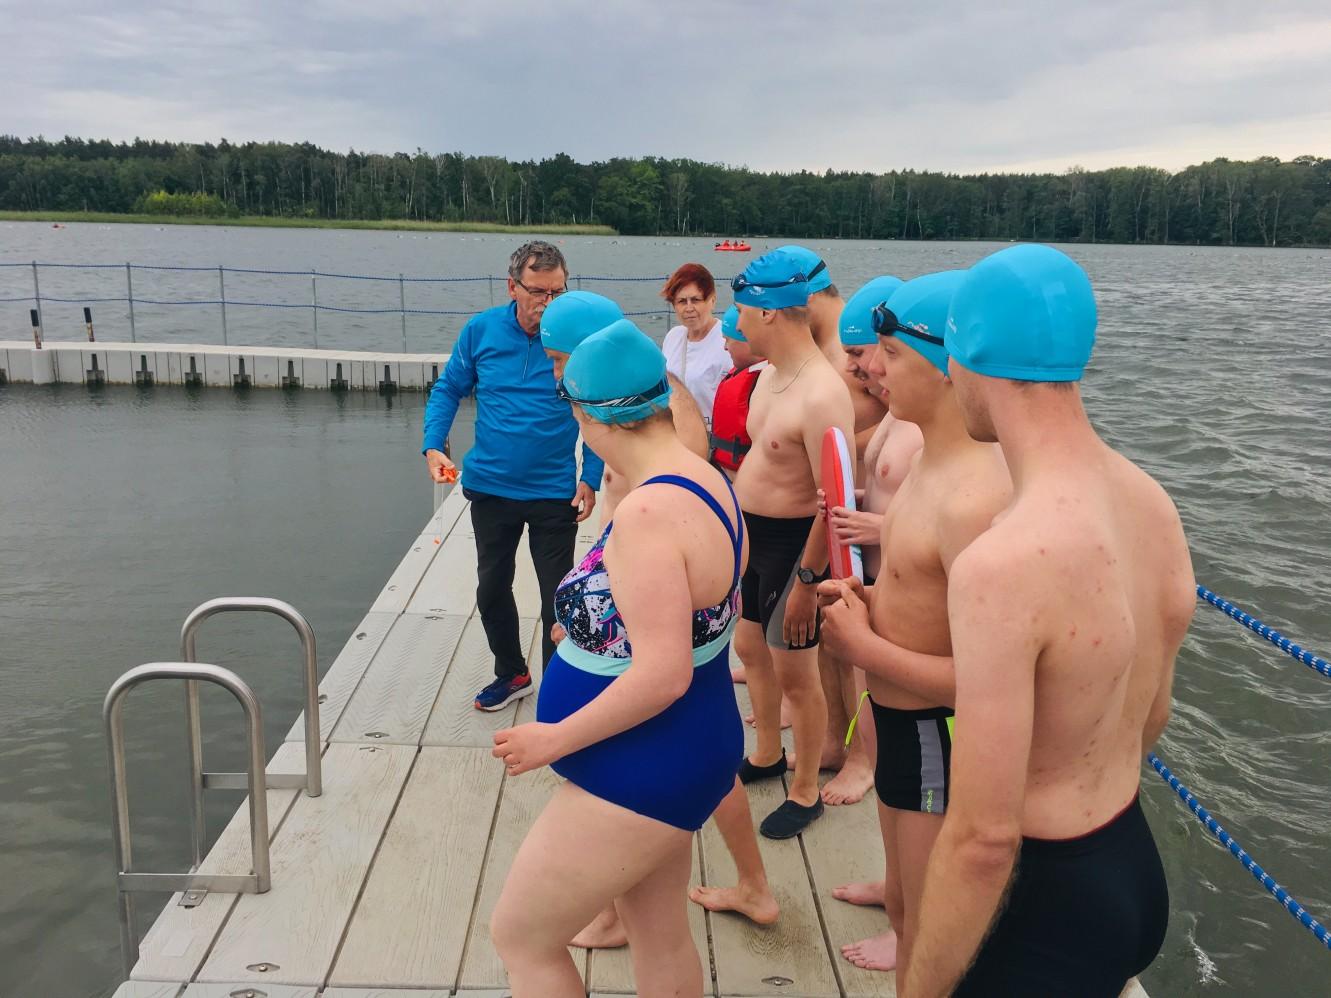 trathlon niepełnosprawni - Adam Michalkiewicz